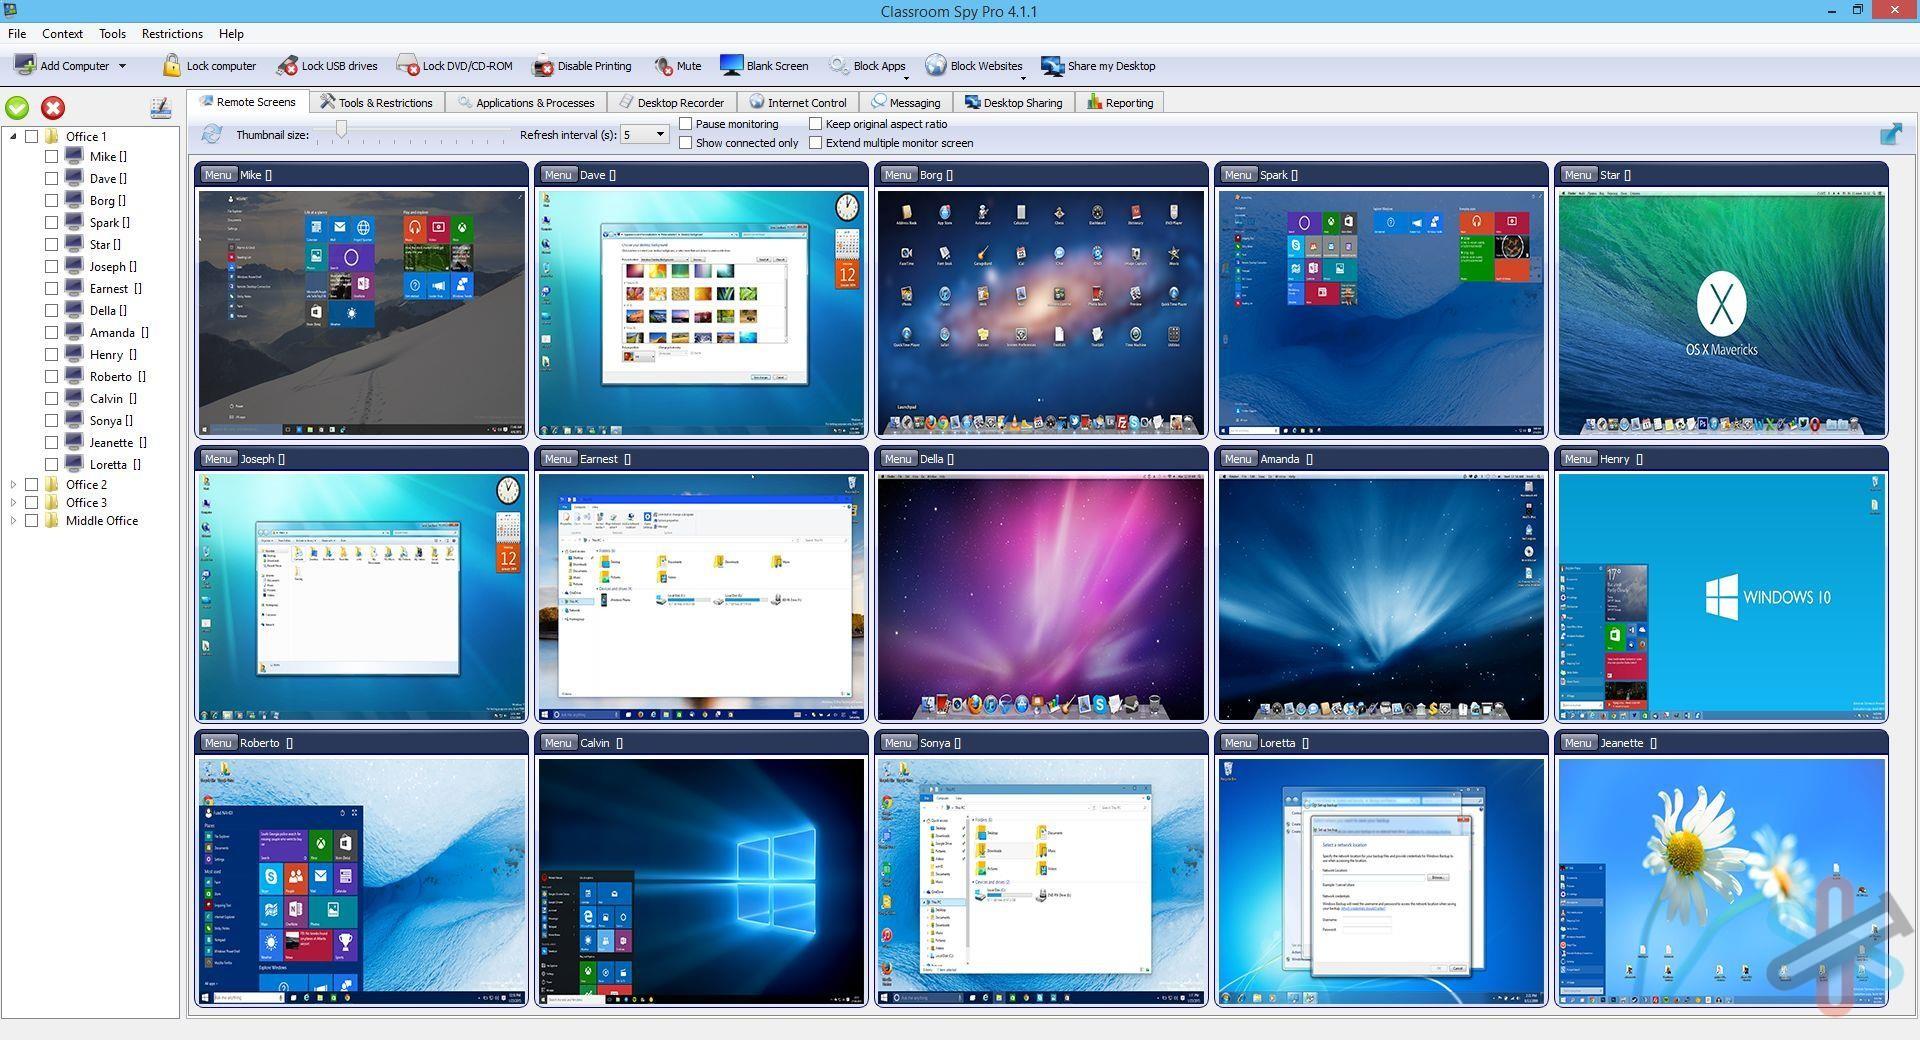 دانلود نرم افزار کنترل فعالیت ها در ویندوز | Classroom Spy Pro 4.4.11